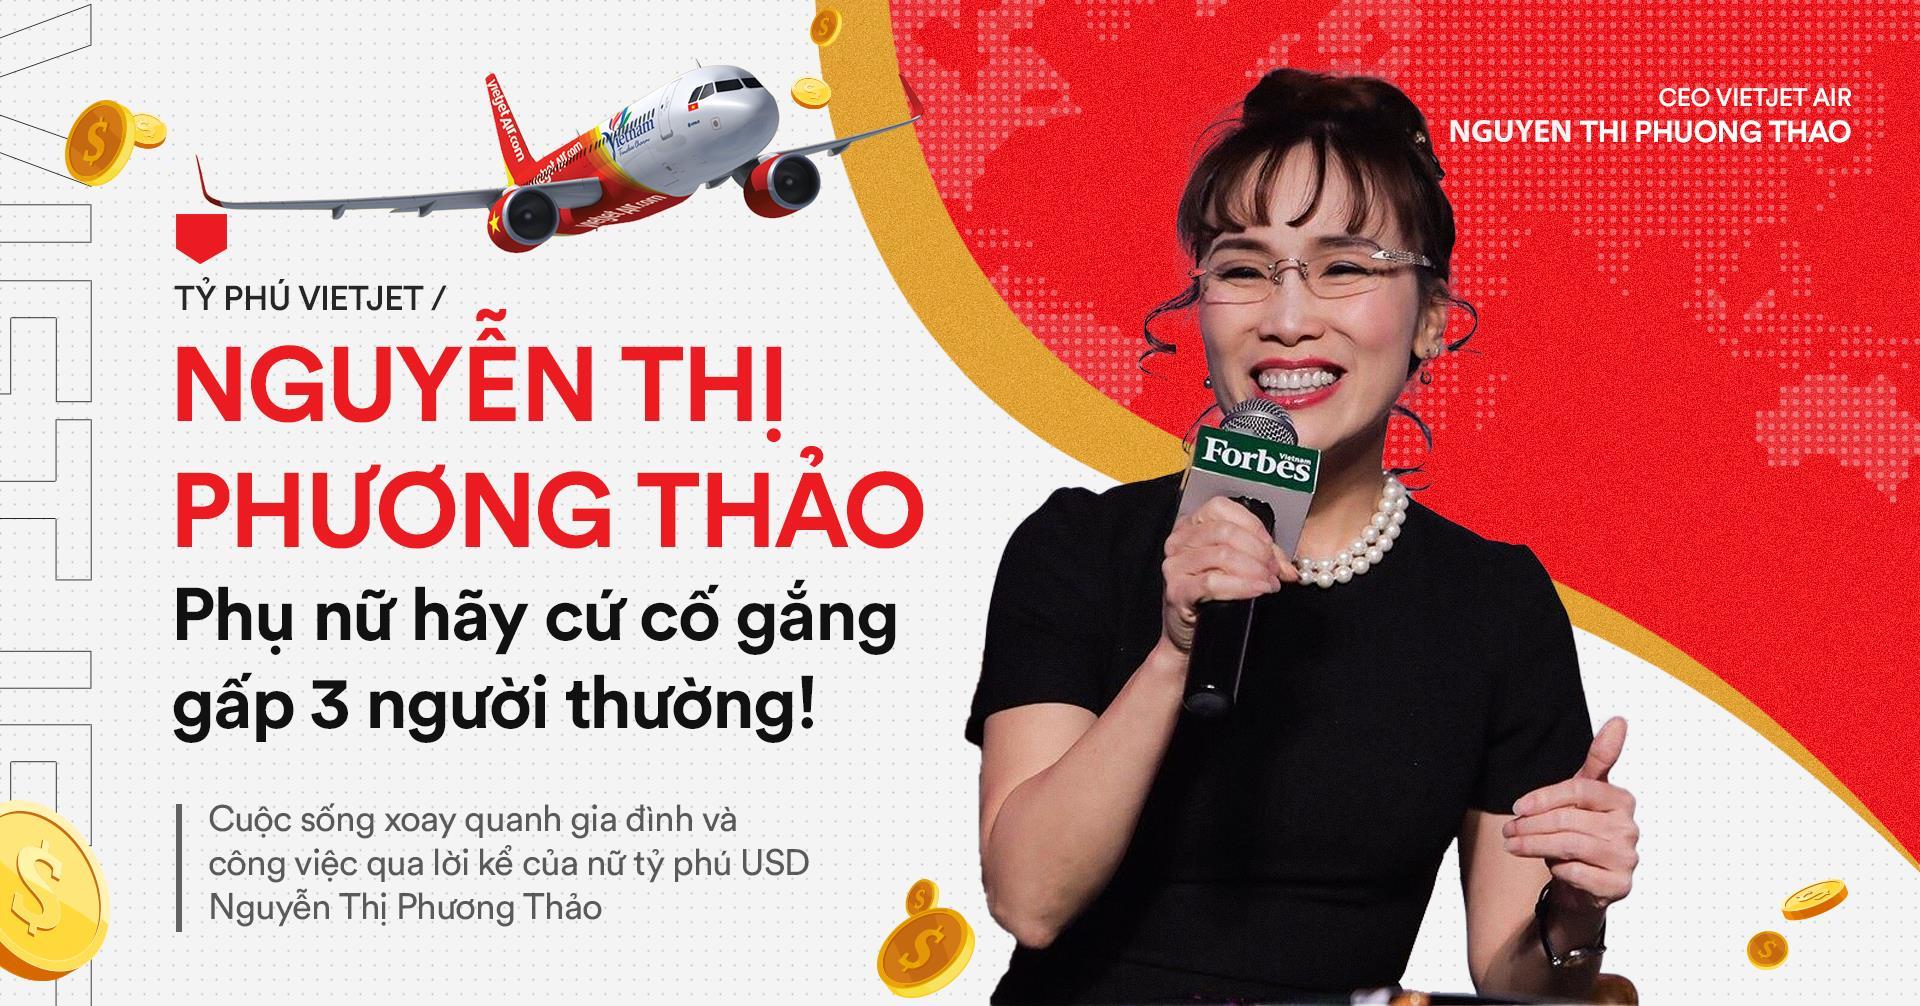 Tỷ phú Vietjet Nguyễn Thị Phương Thảo: Phụ nữ hãy cứ cố gắng gấp 3 người thường! - Ảnh 1